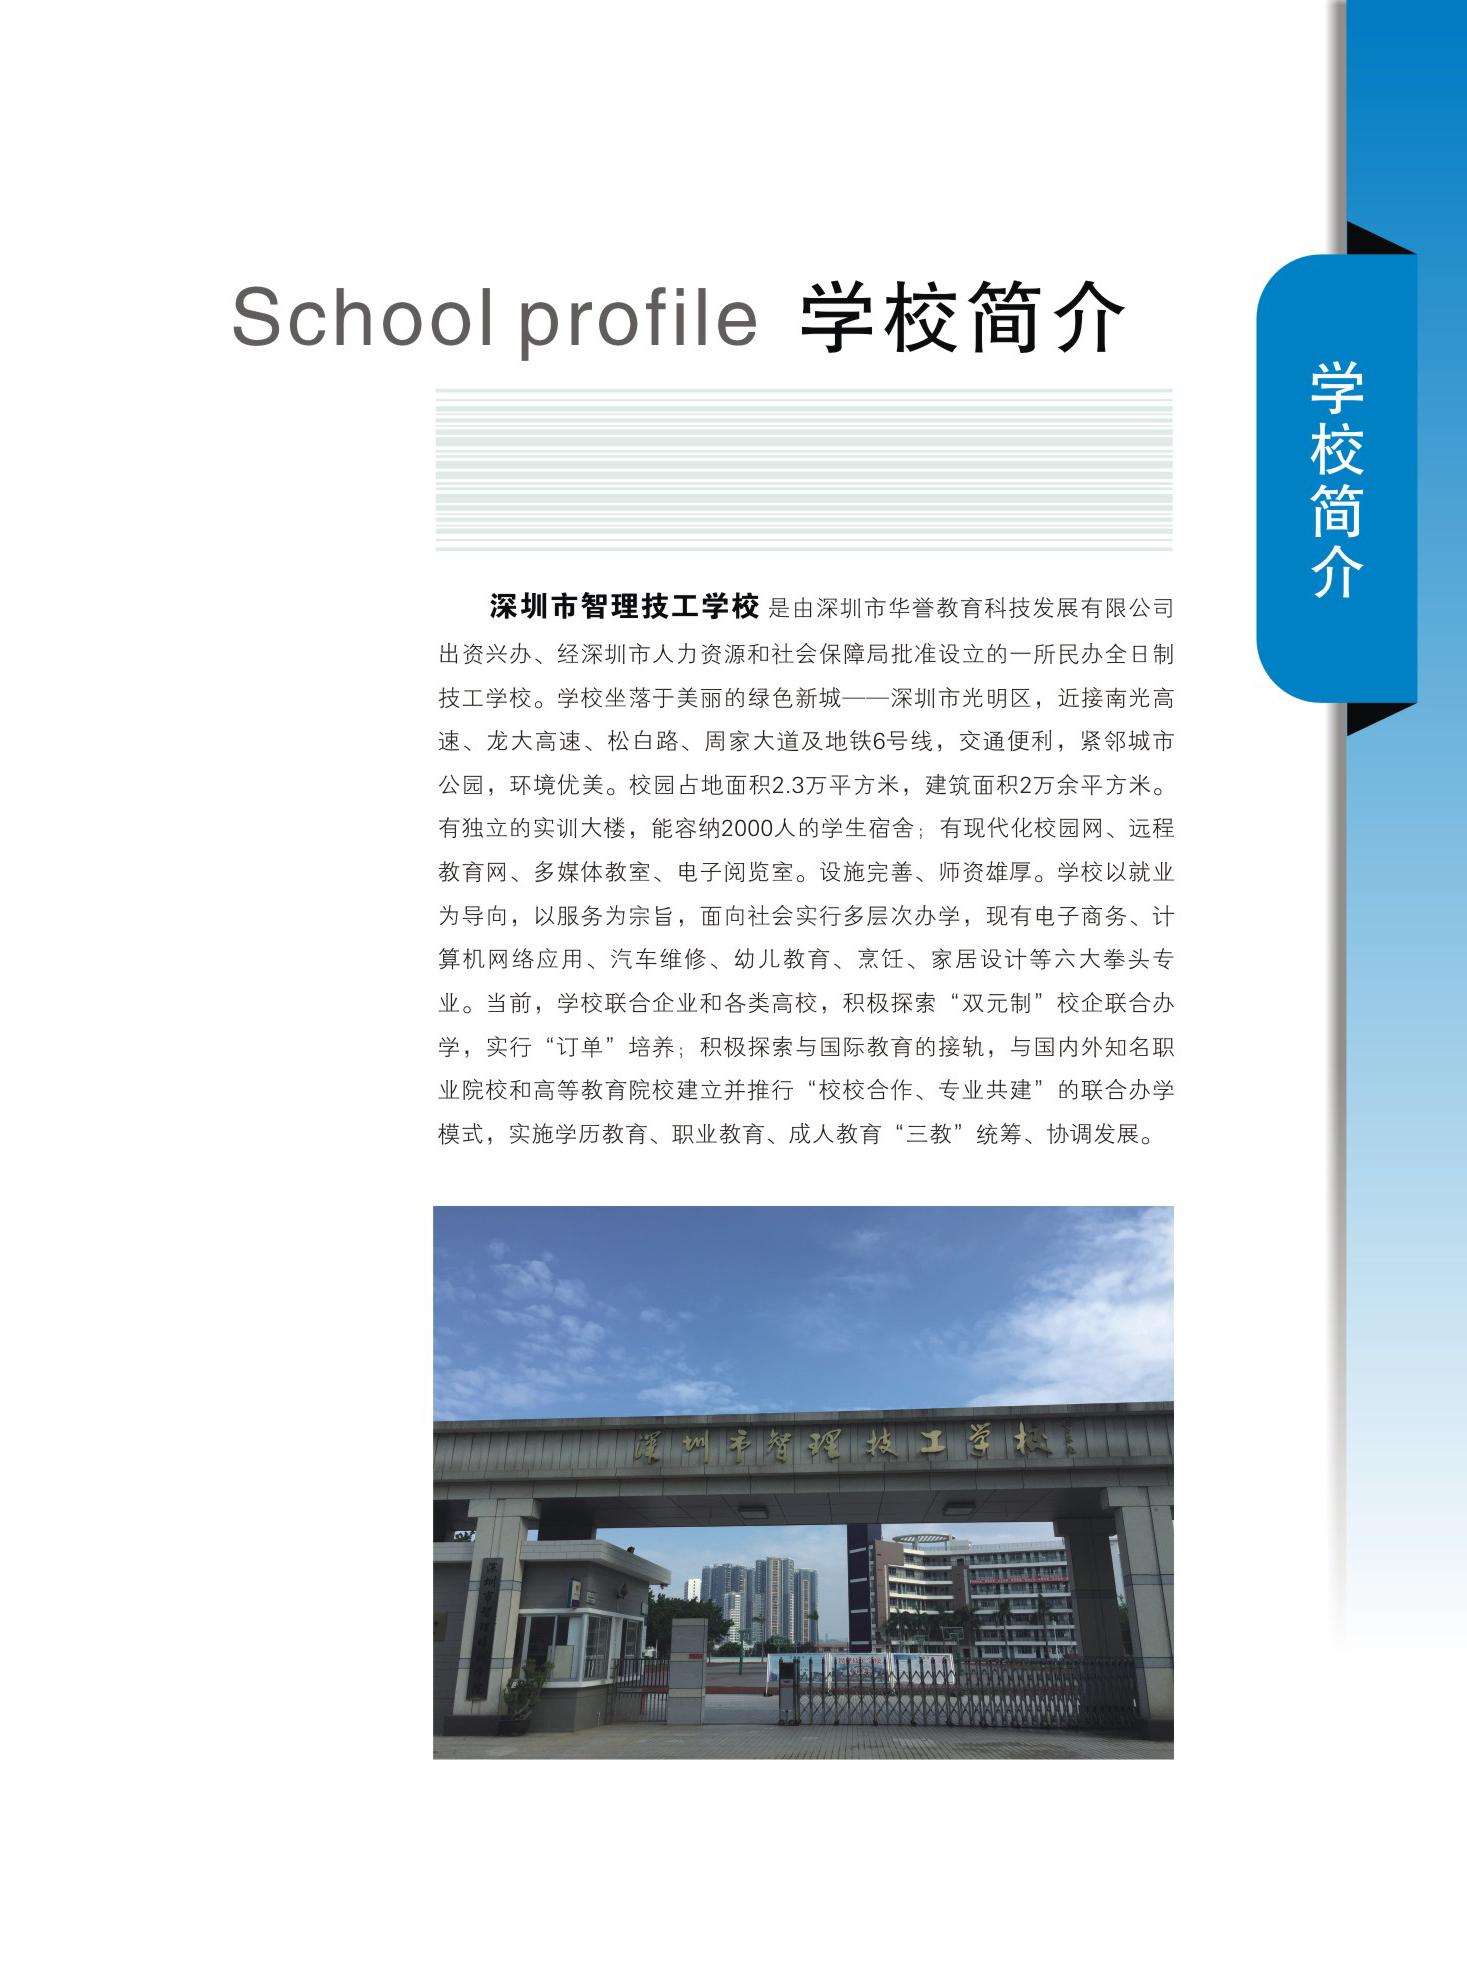 深圳市智理技工学校2019年招生简章学校简介